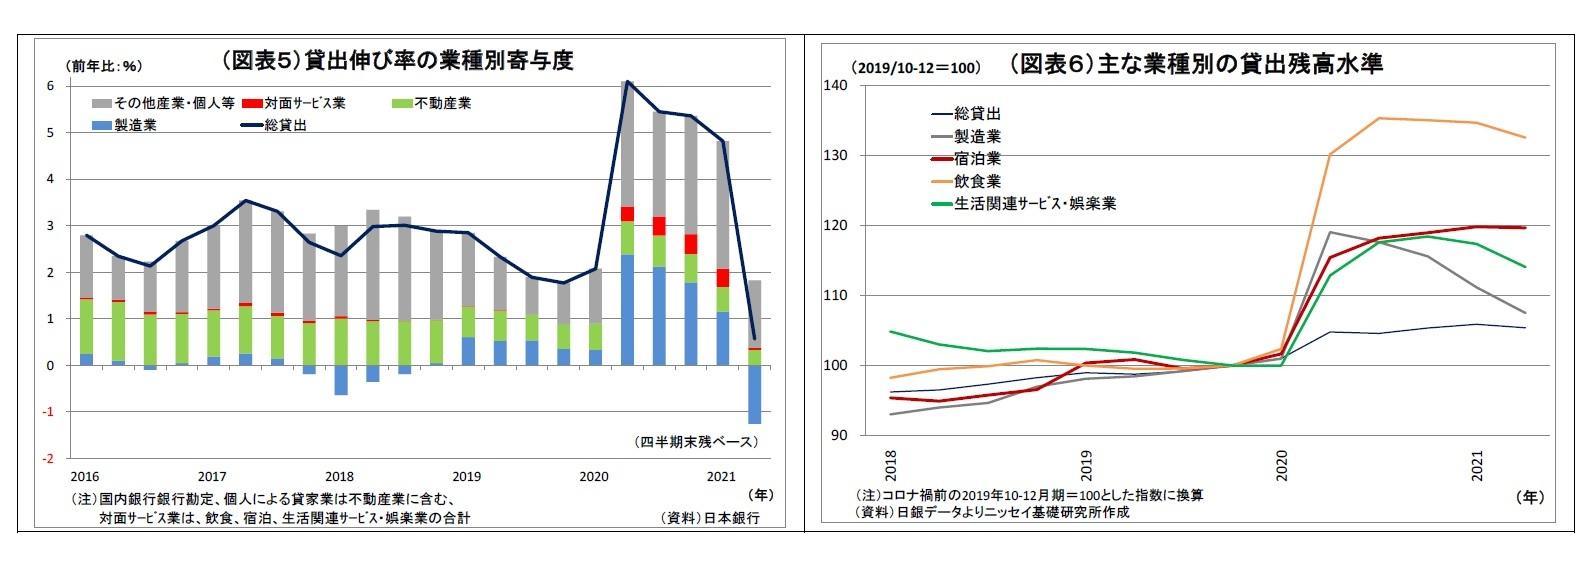 (図表5)貸出伸び率の業種別寄与度/(図表6)主な業種別の貸出残高水準